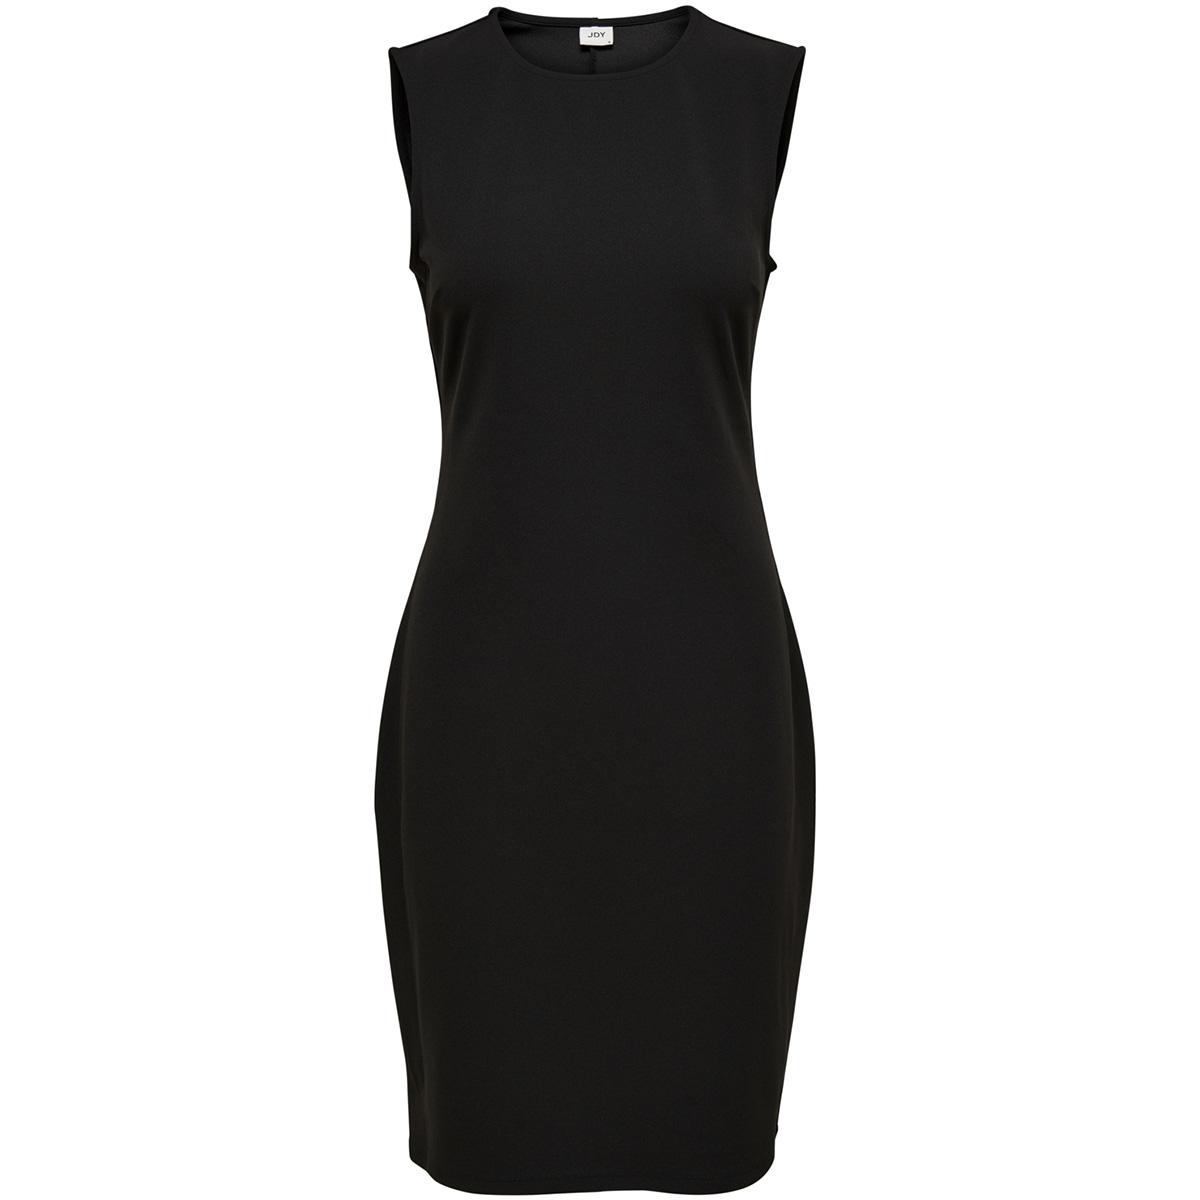 jdyvanda s/l dress jrs exp 15167494 jacqueline de yong jurk black